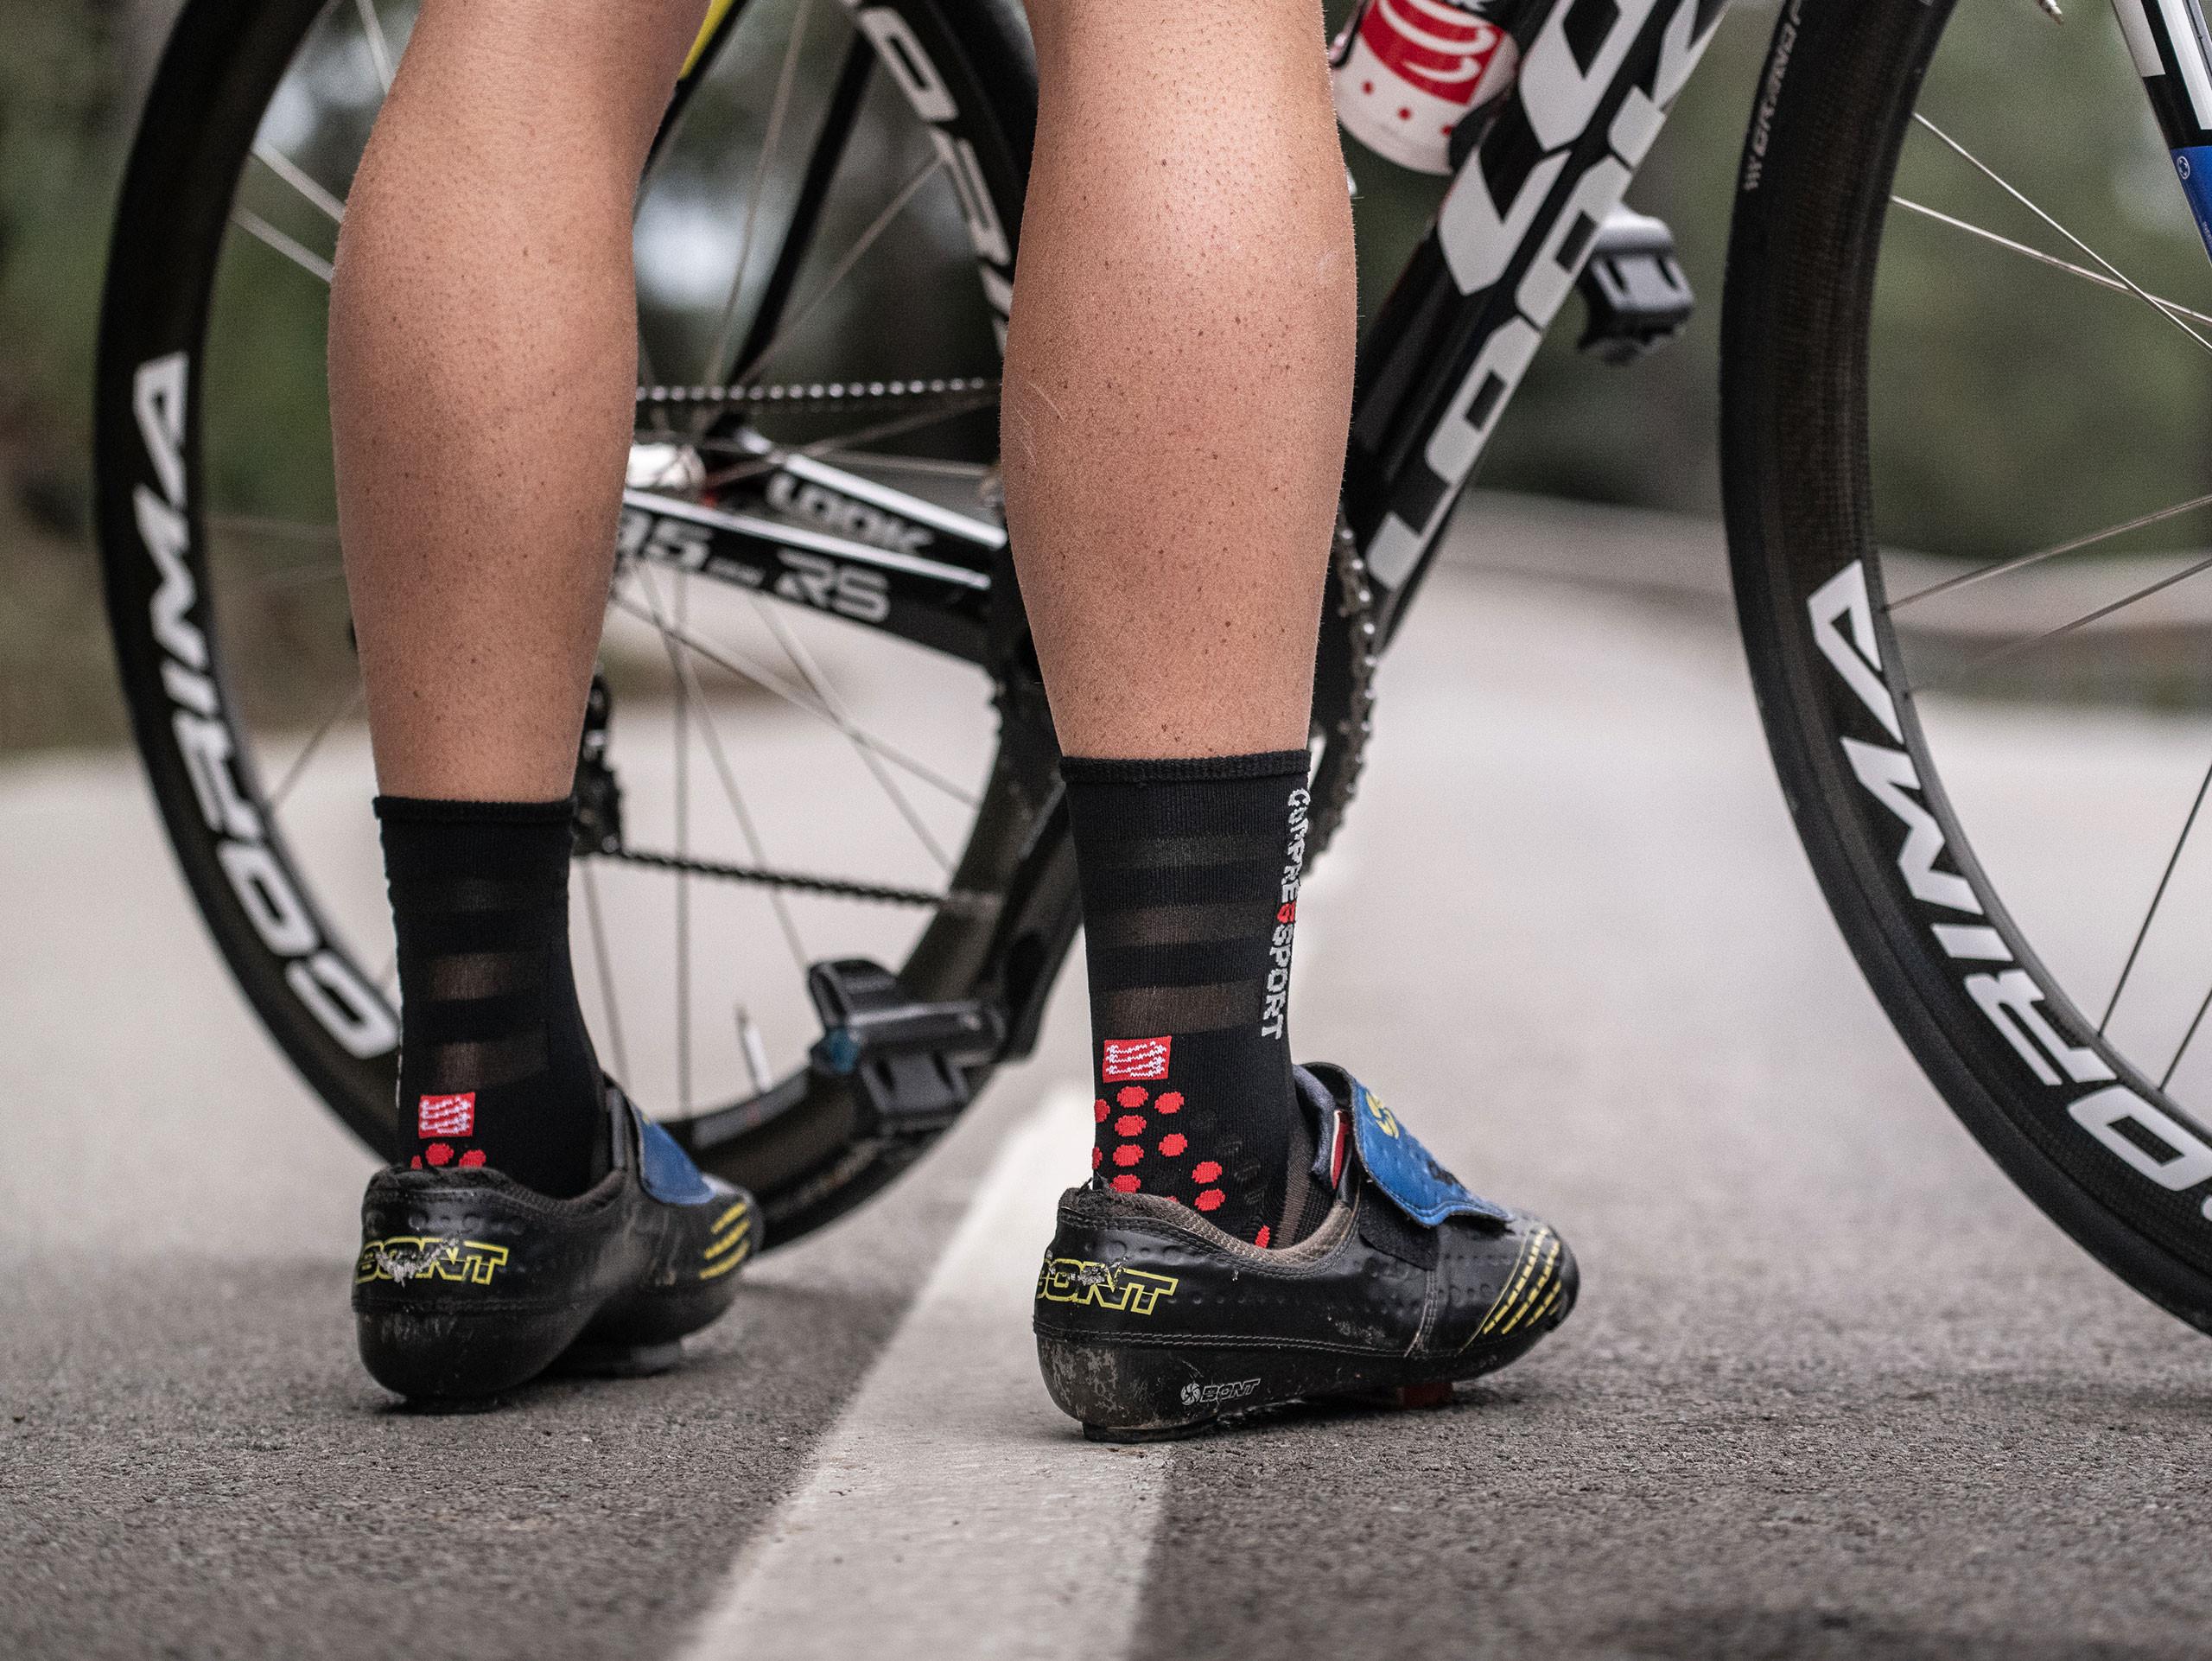 Calzini da gara professionali v3.0 Ultralight Bike neri/rossi